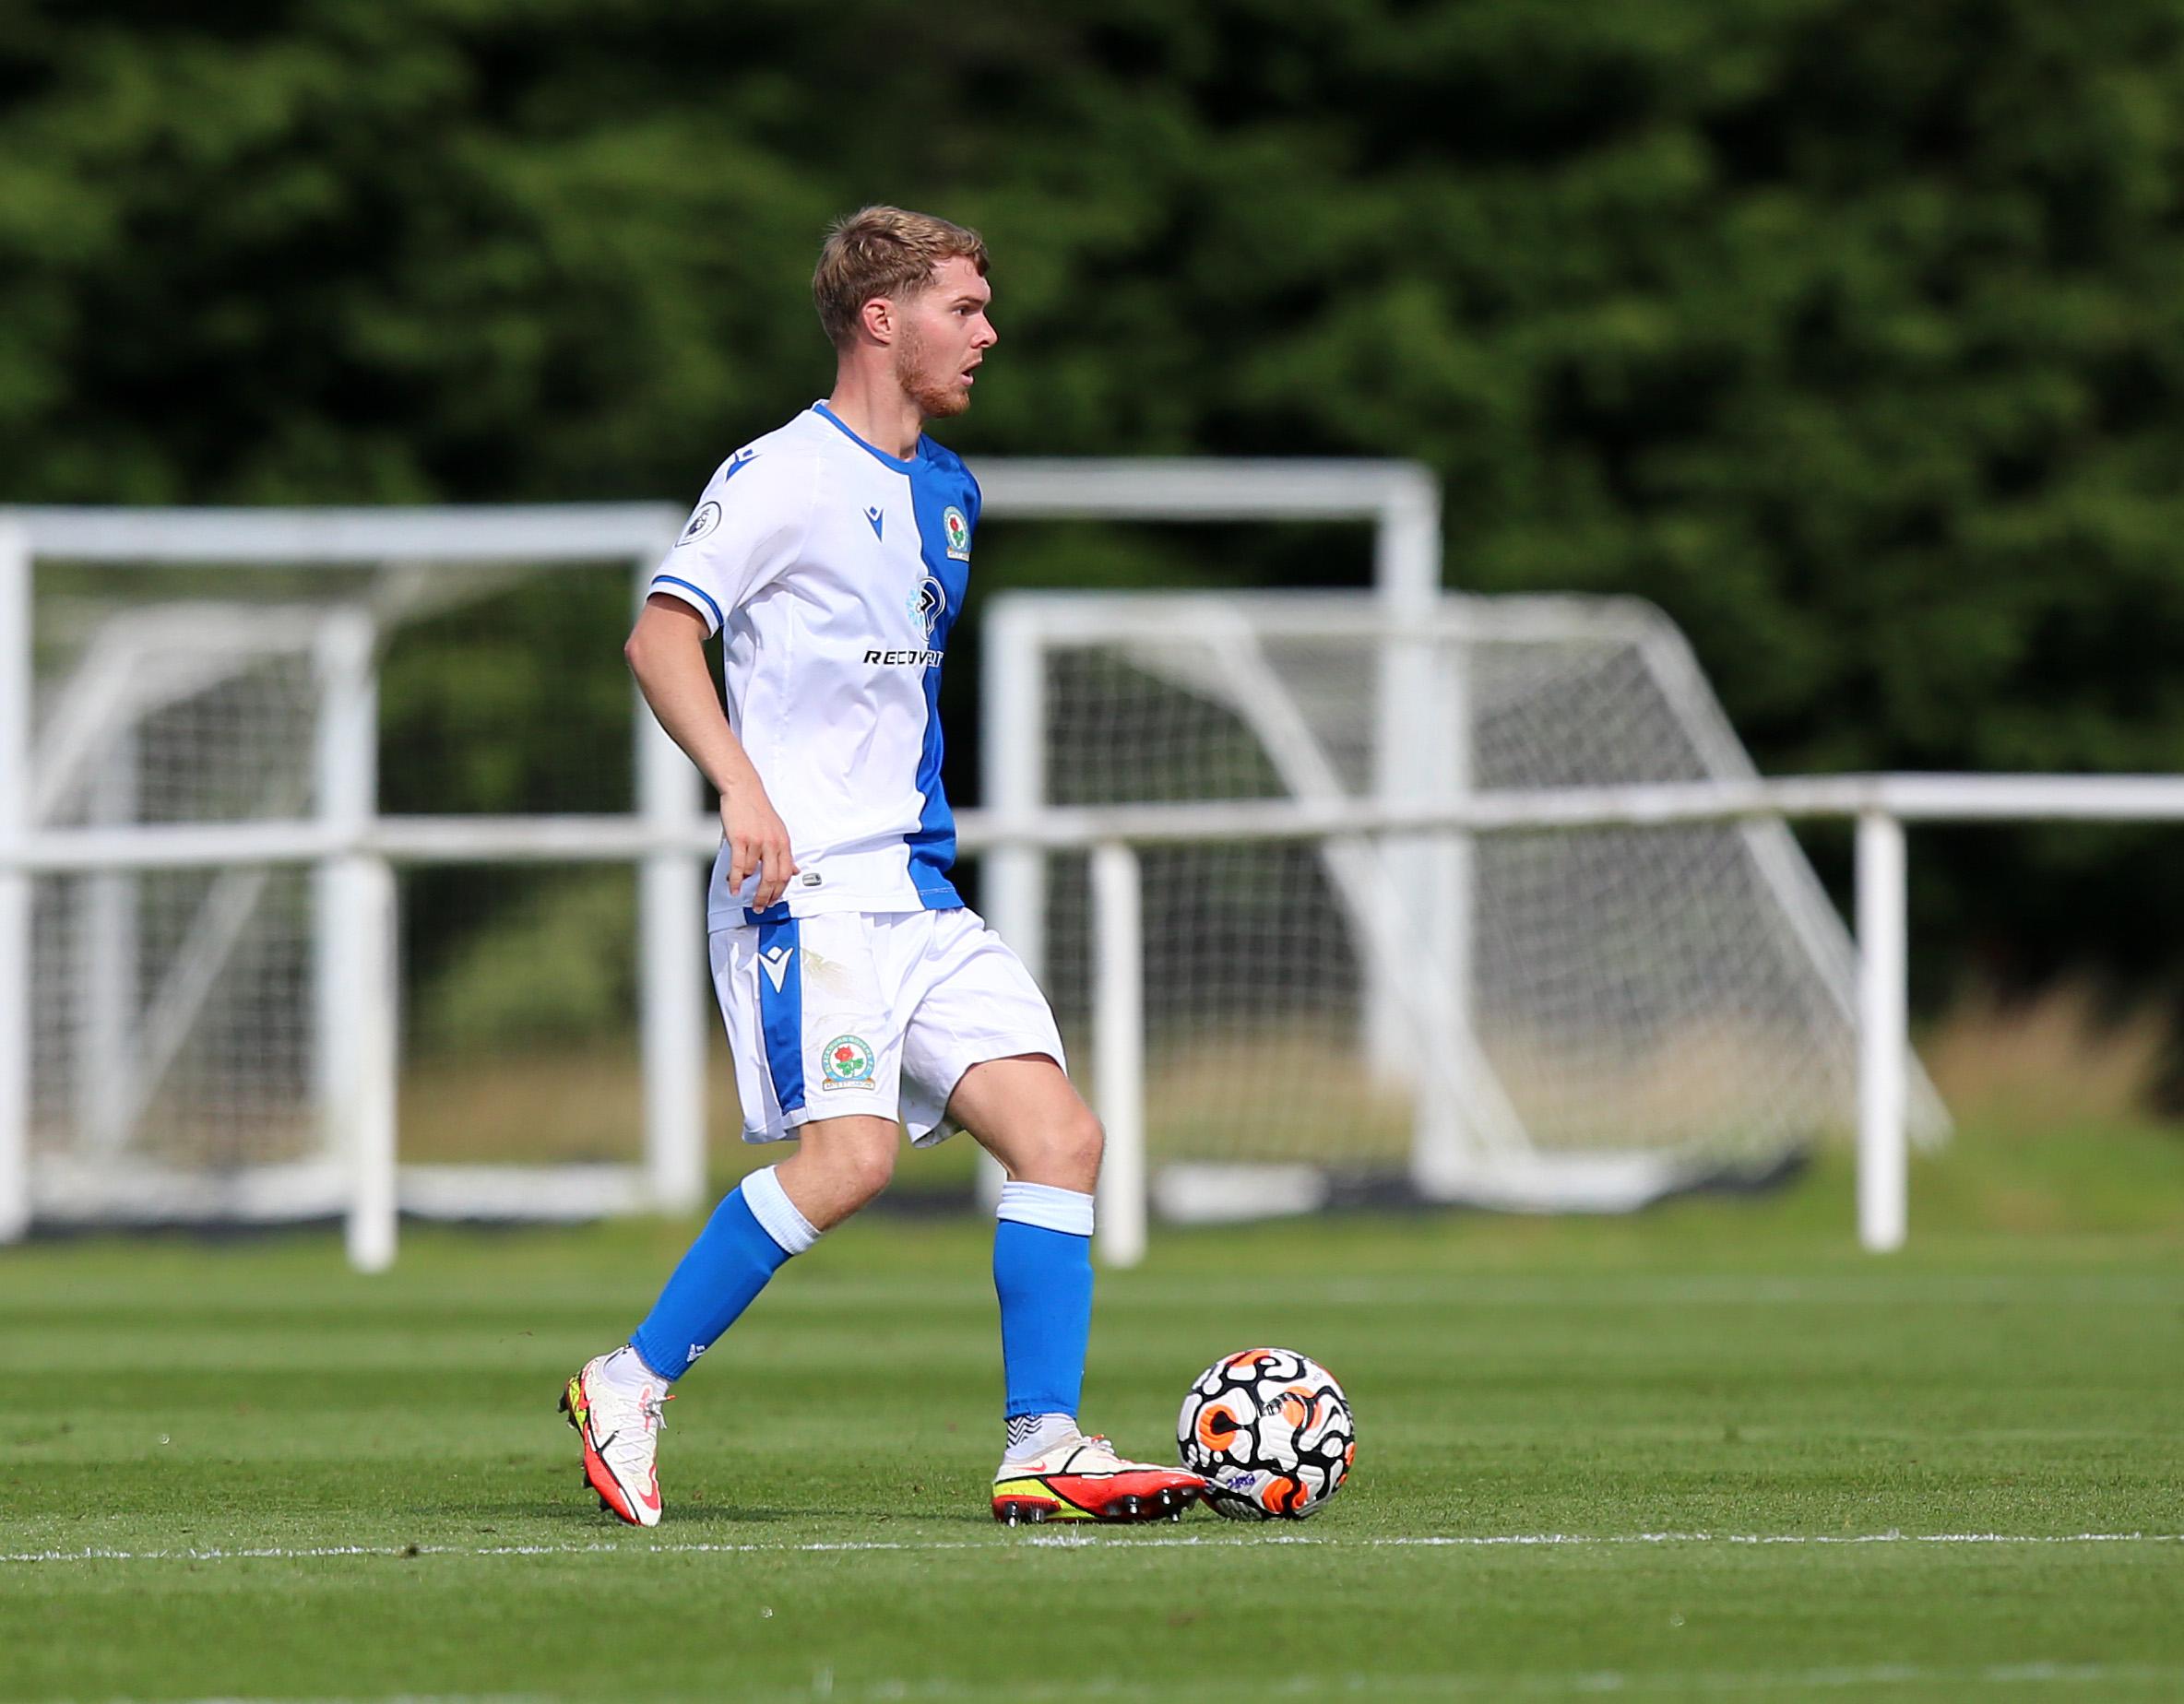 El mediocampista enfrenta el desafío de ingresar al equipo de Blackburn Rovers